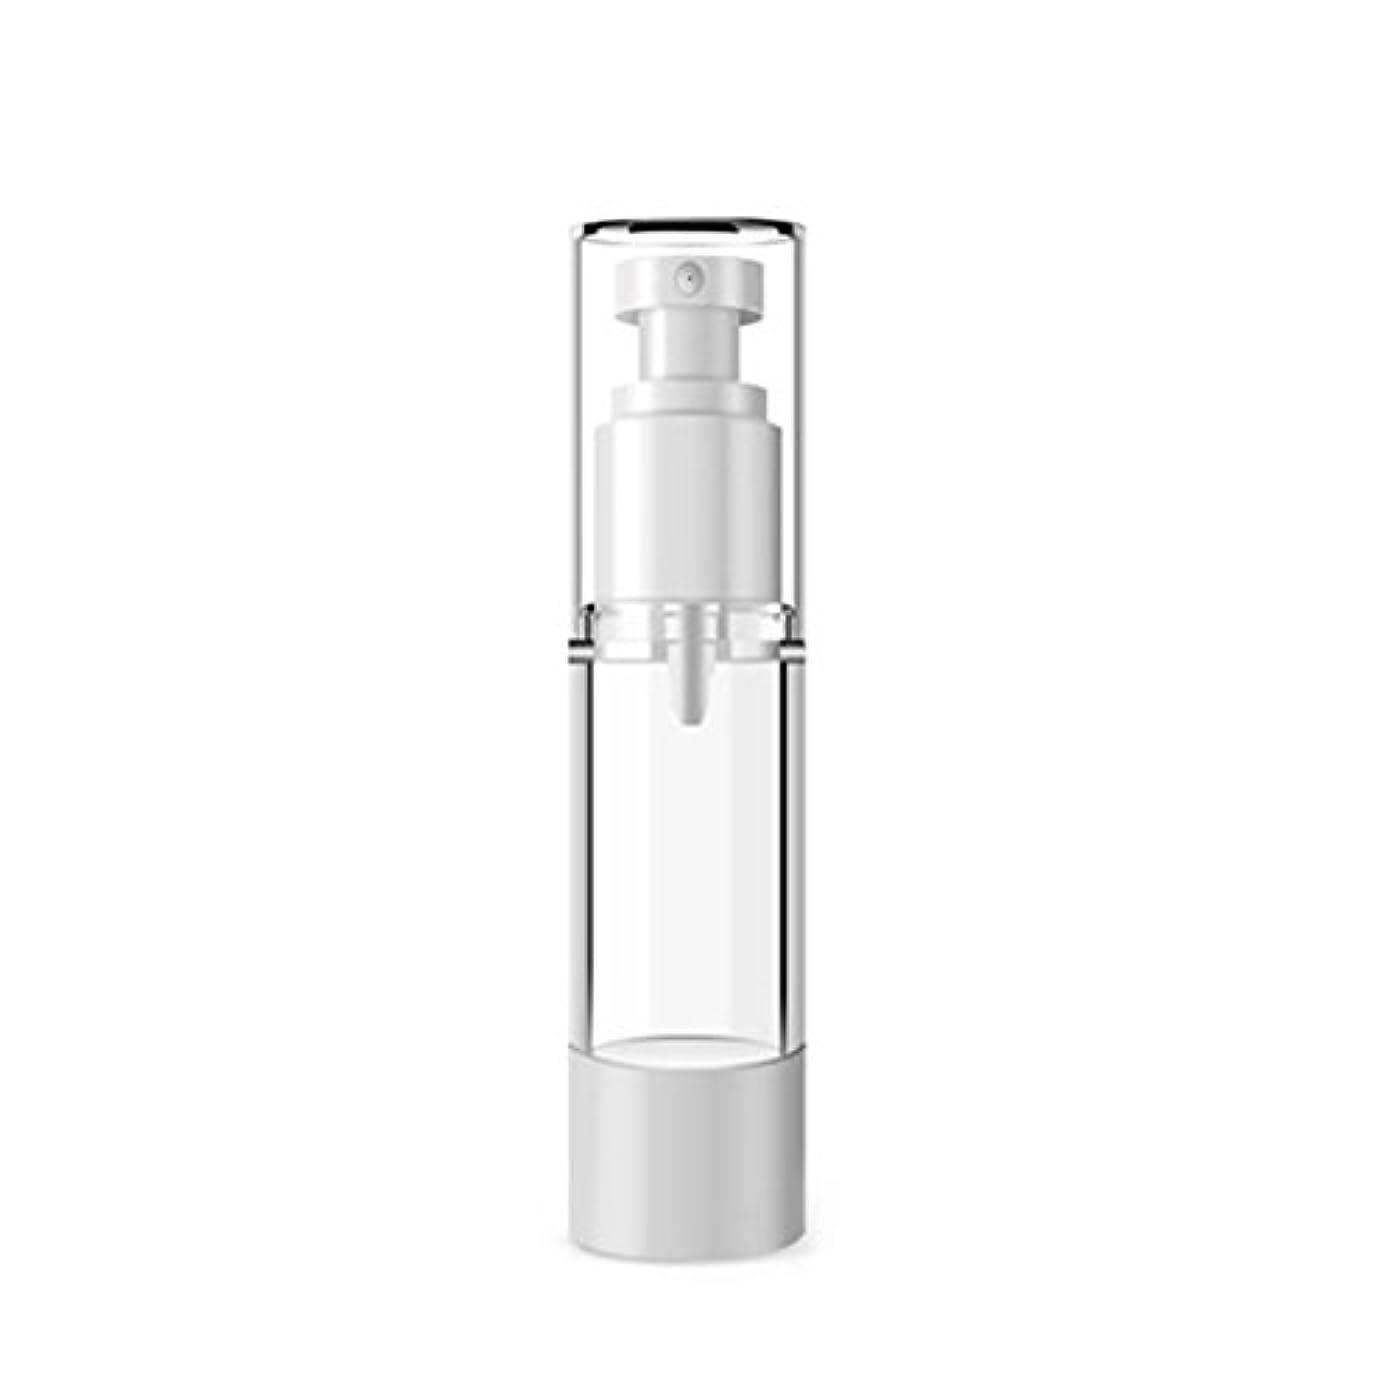 バケツ驚くべきスポンサーVi.yo 小分けボトル スプレーボトル 押し式詰替用ボトル コスメ用詰替え容器 携帯便利 出張 旅行用品 スタイル2 3本セット 80ml